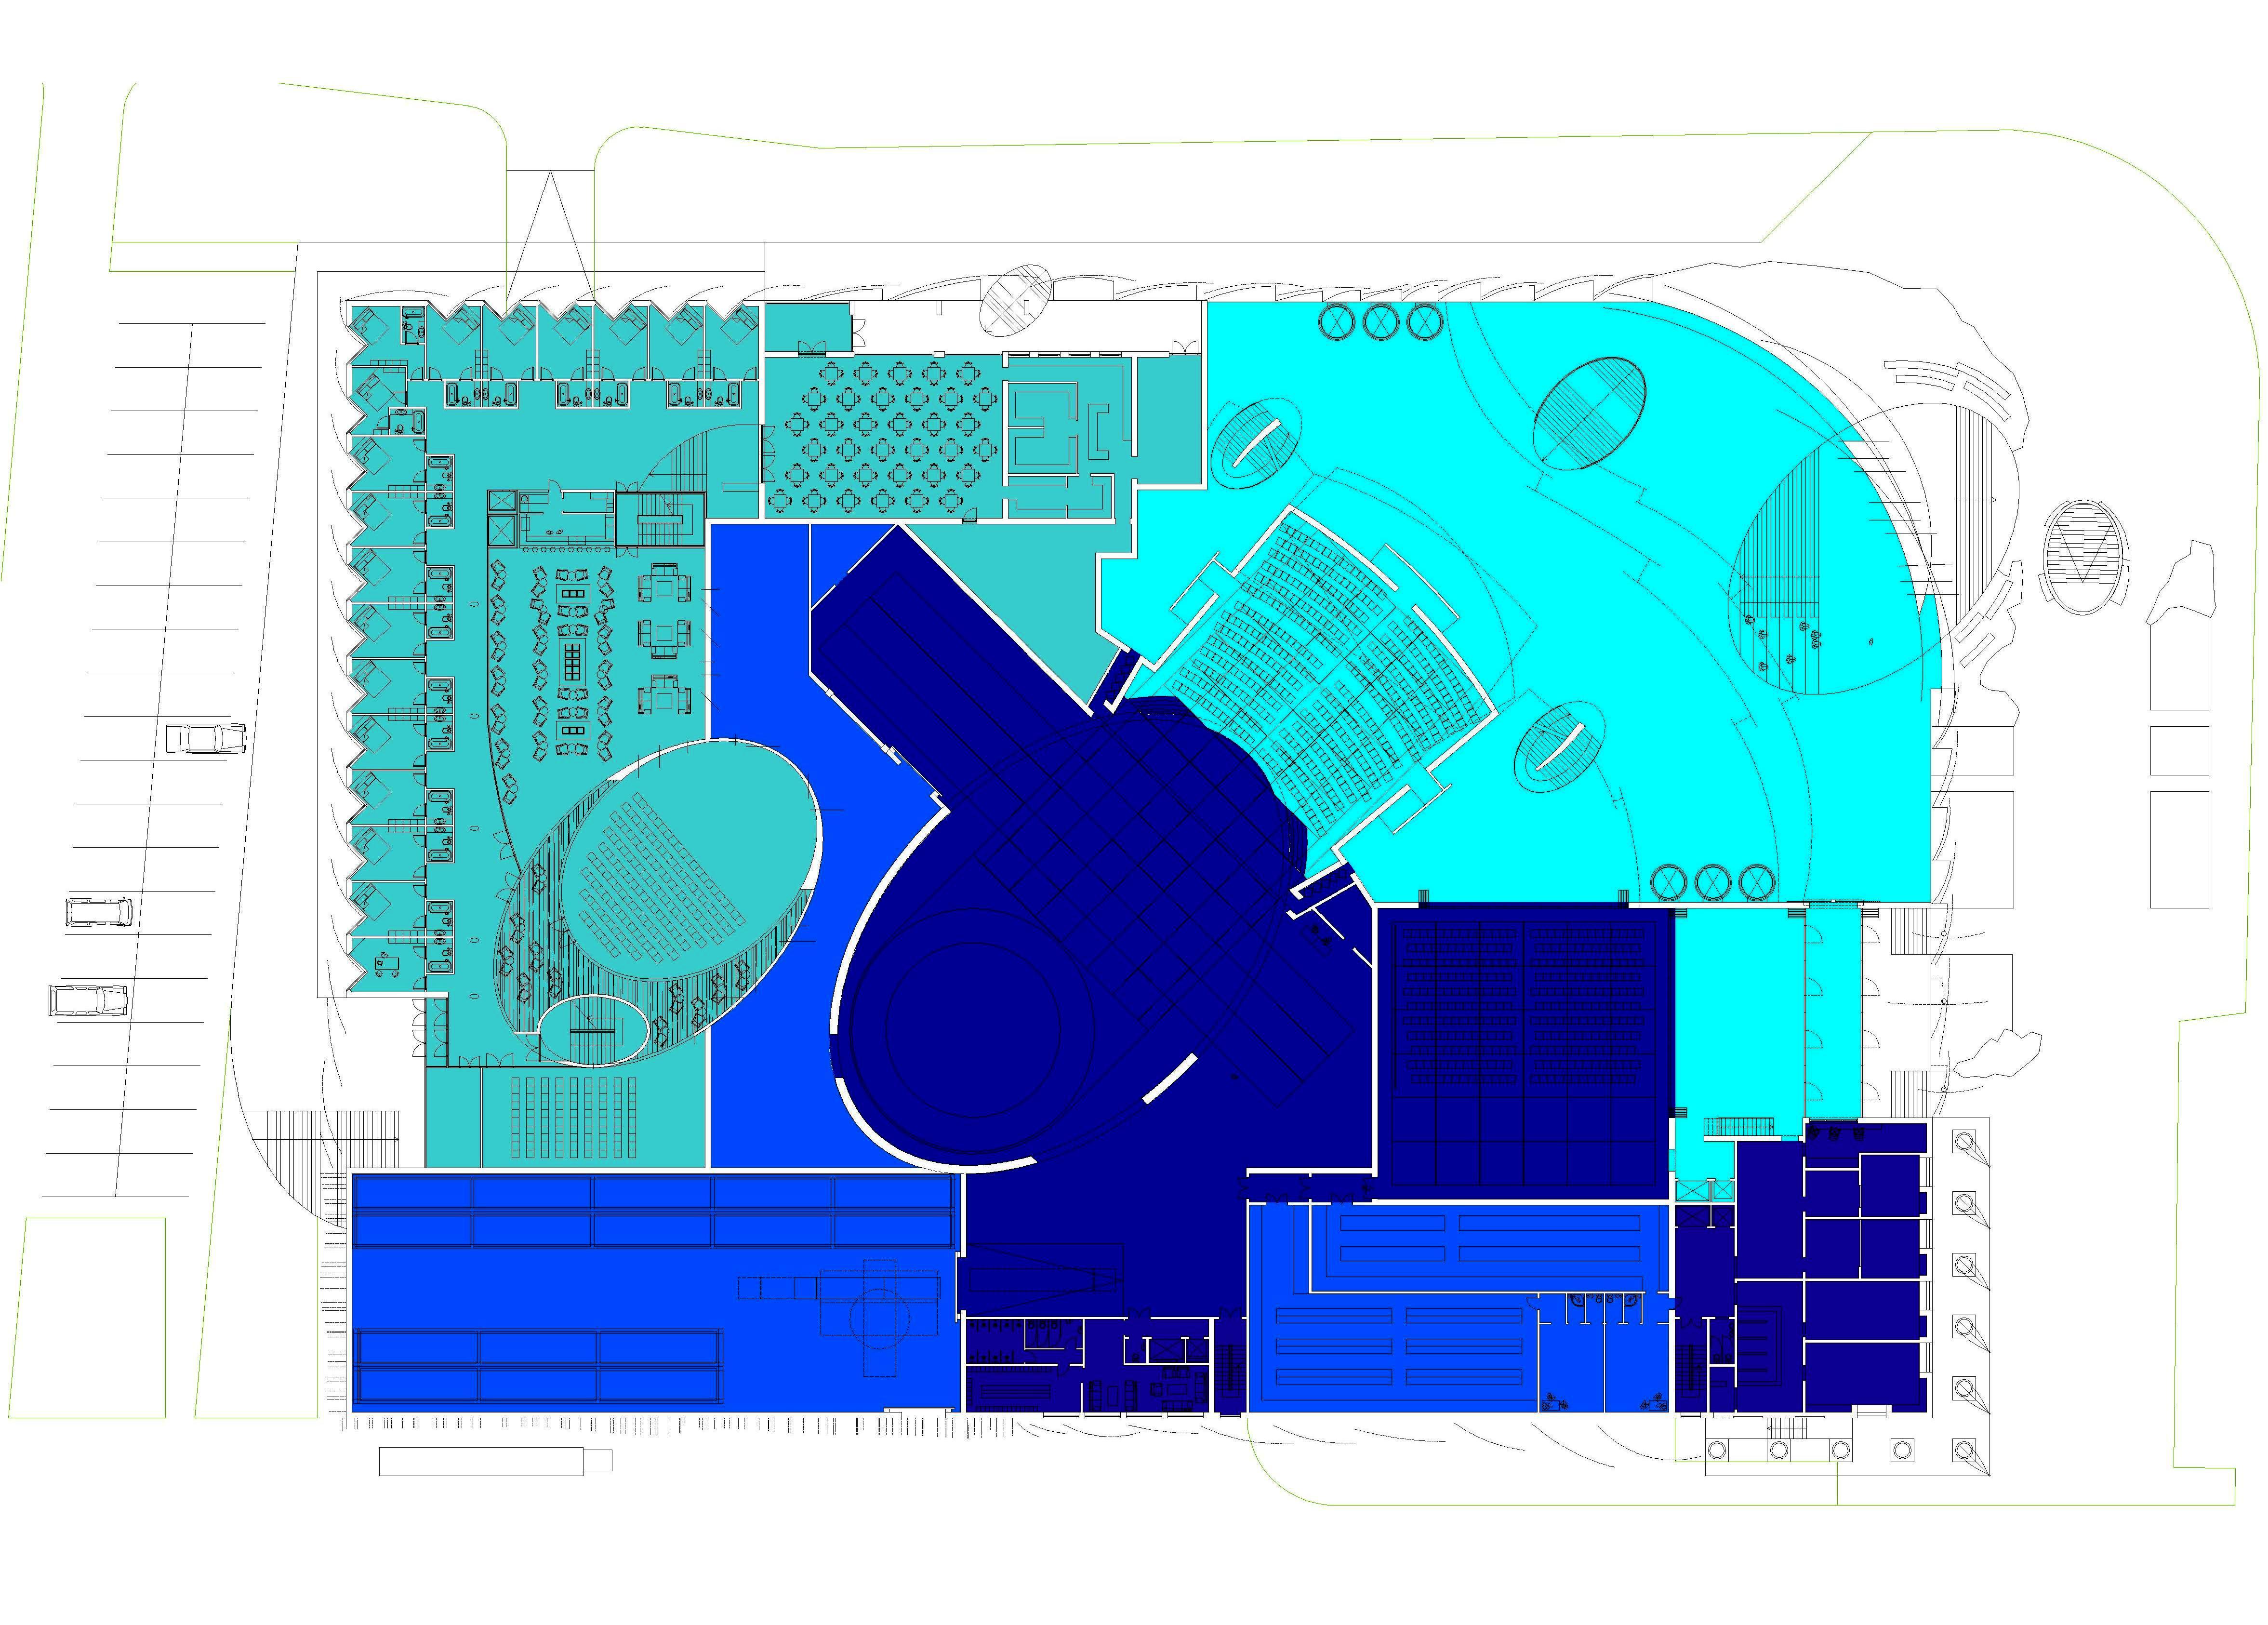 Разработка архитектурной концепции театра оперы и балета фото f_83952e820d5aaa8d.jpg